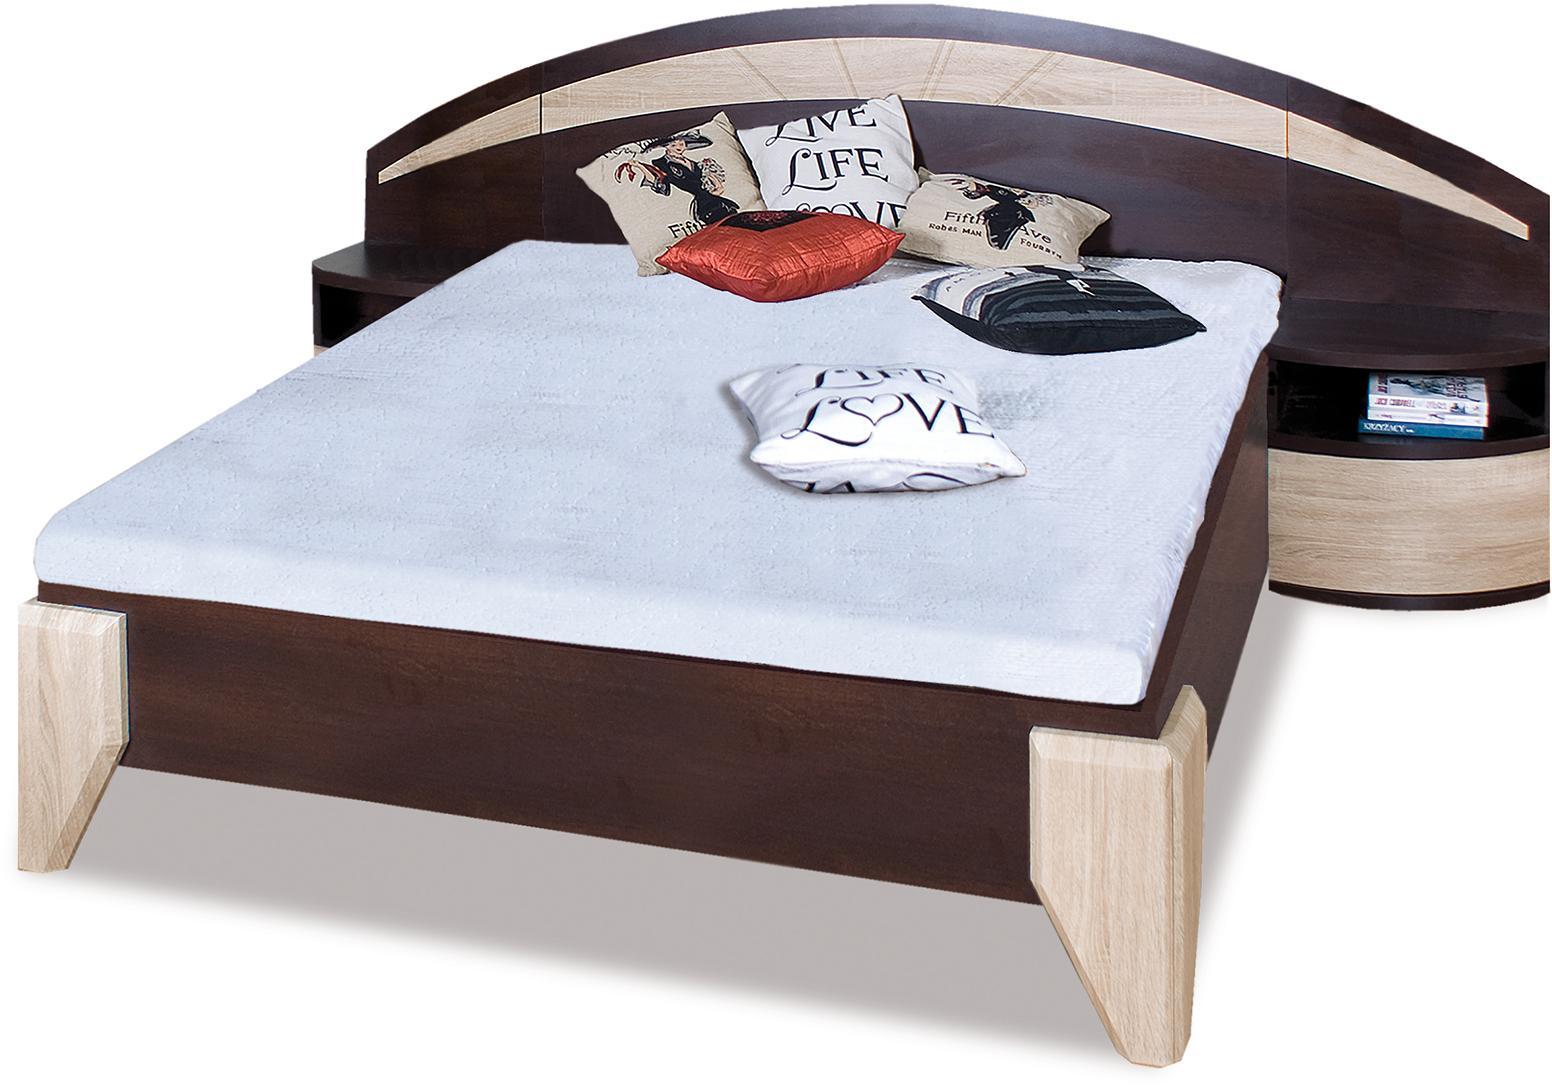 ROME manželská posteľ DL1-1 sosna + dub sonoma